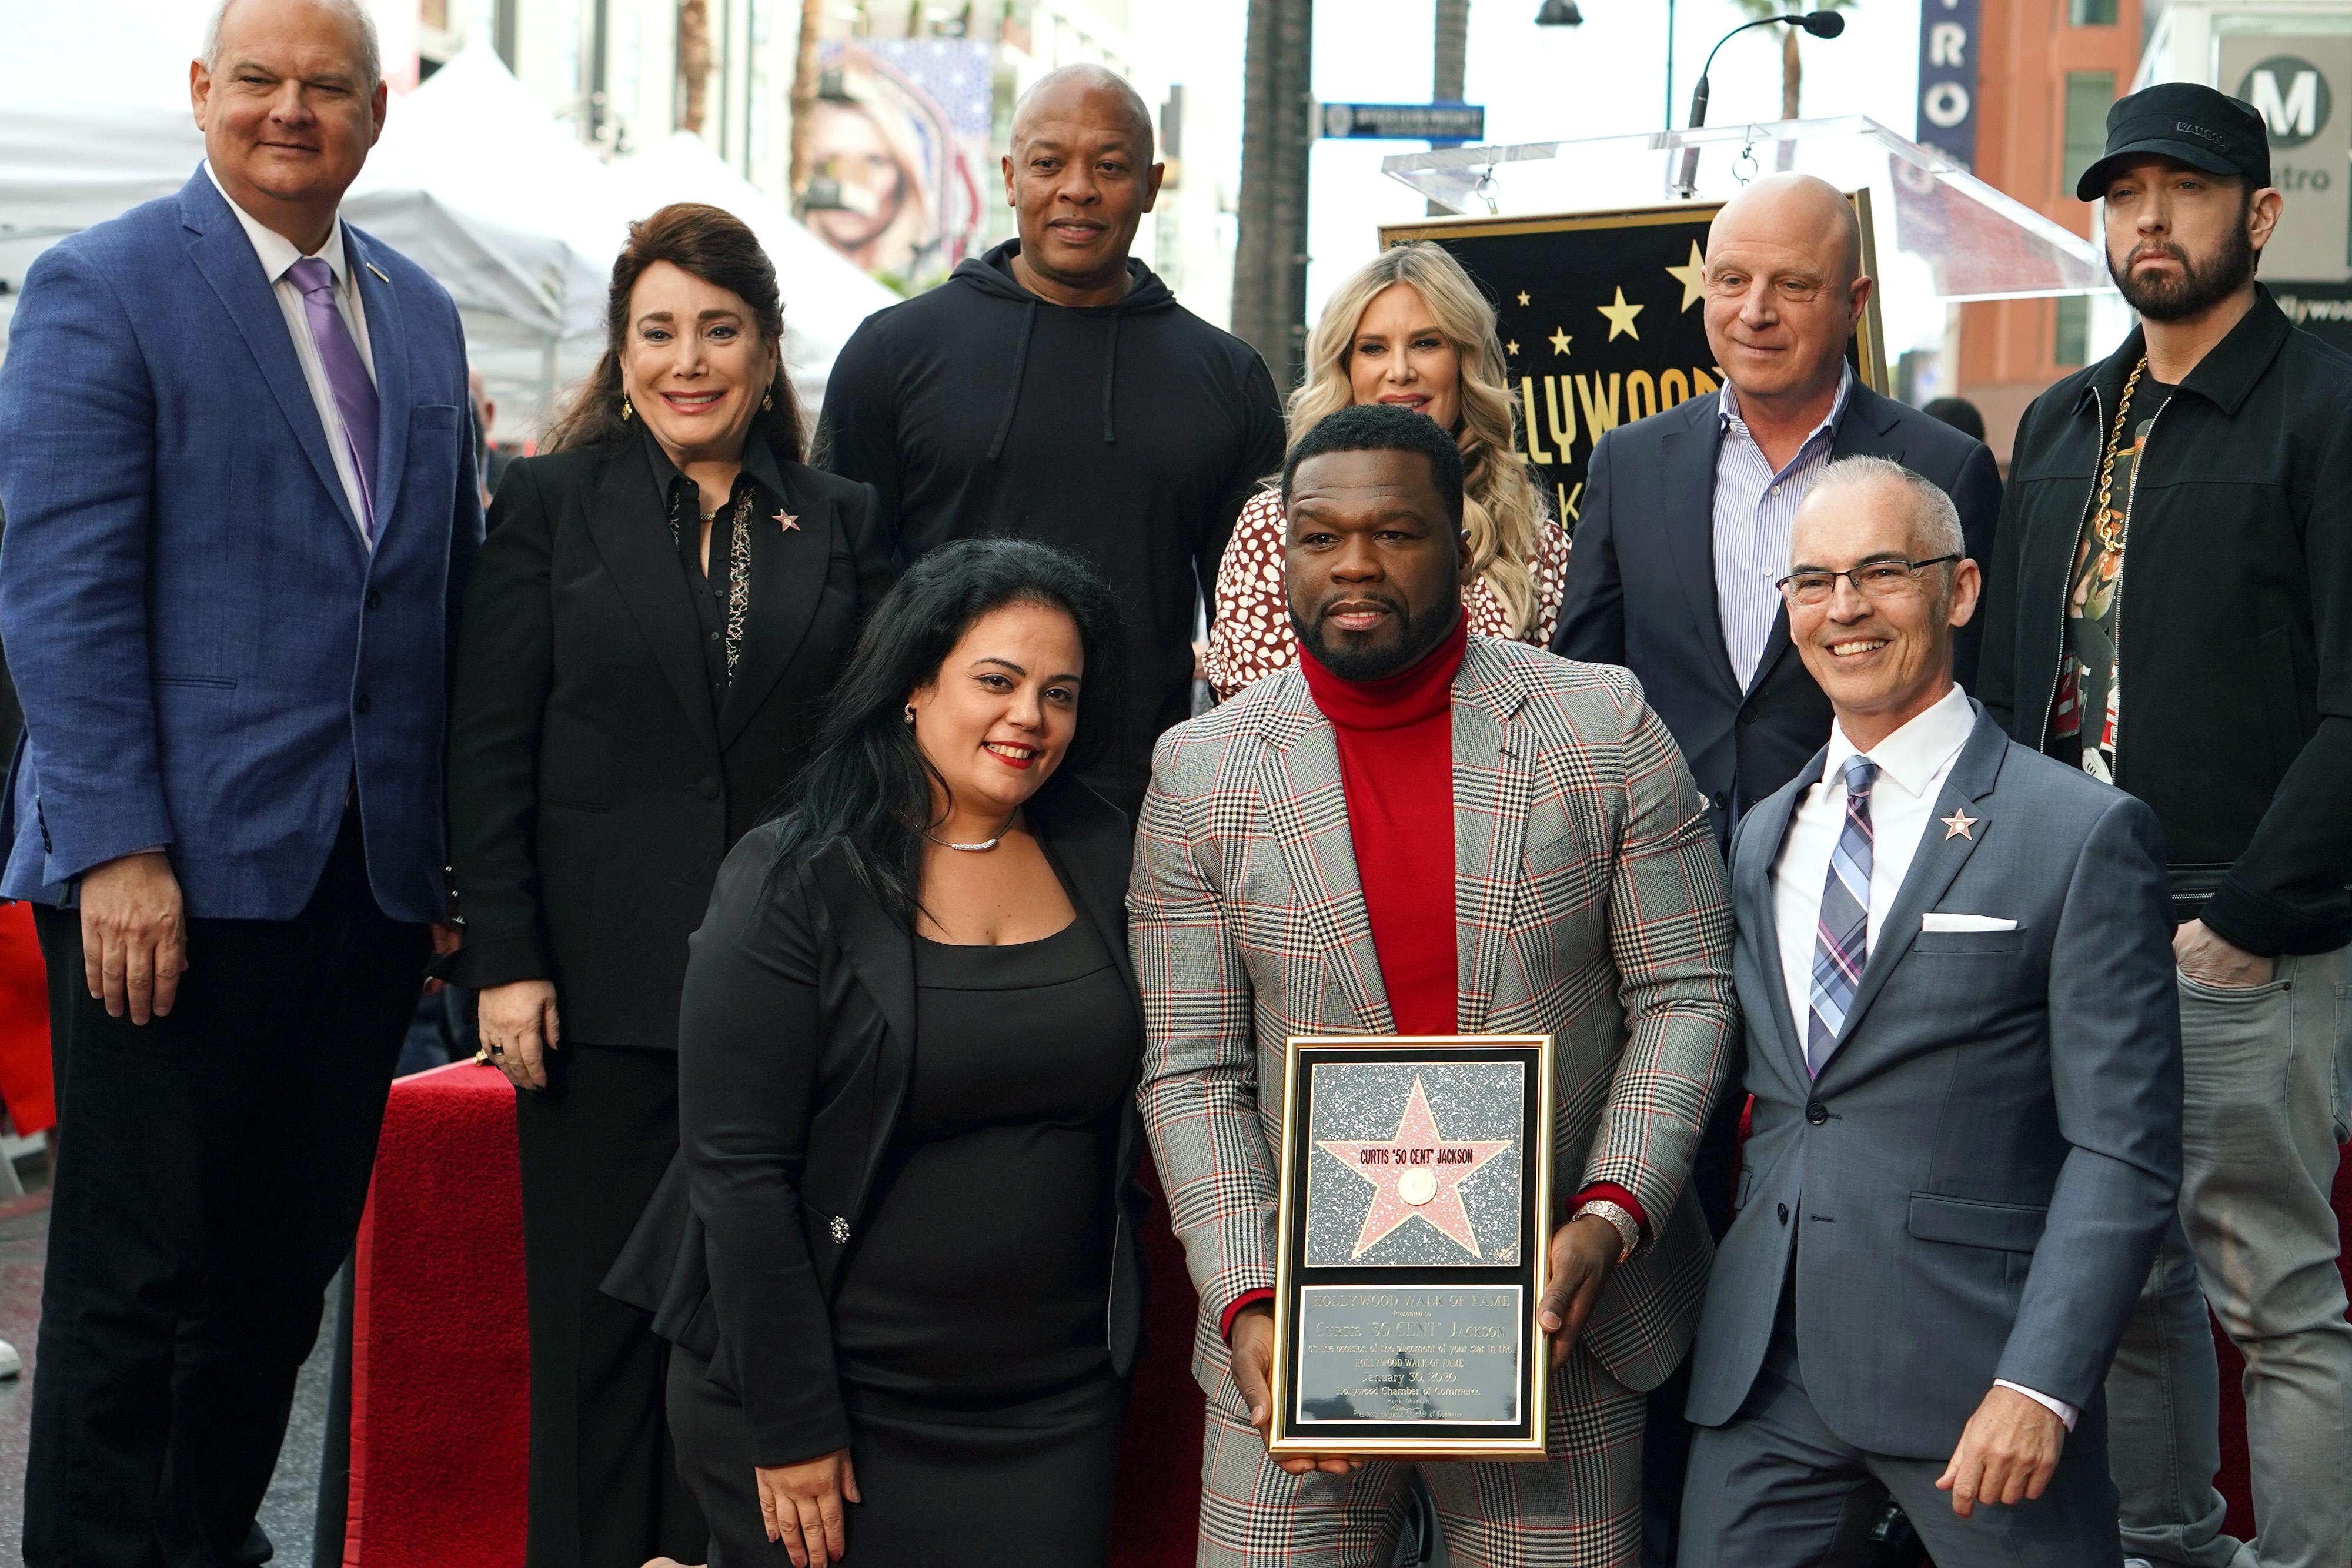 50 Cent Walk of Fame Ceremony shot